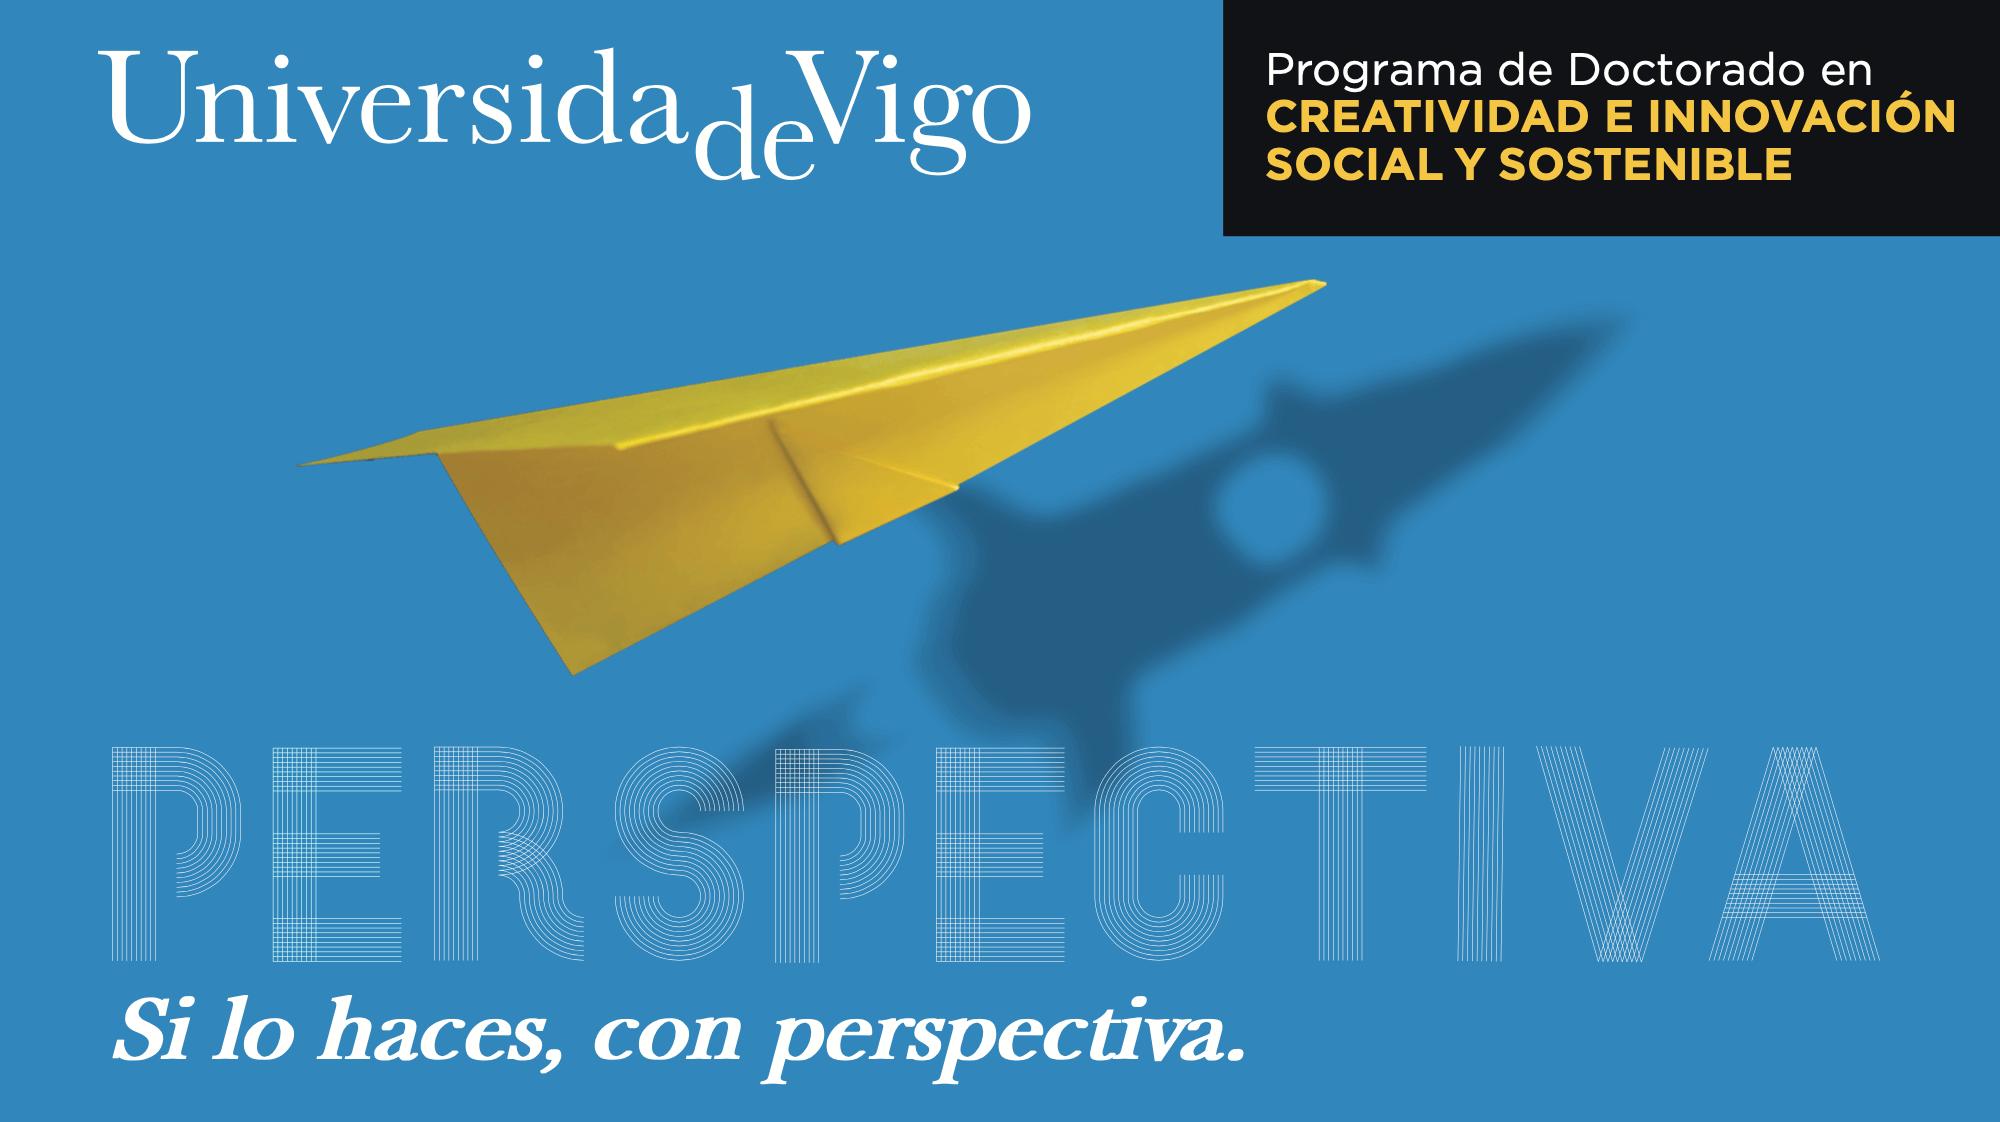 Campaña de captación para el Doctorado de Creatividad e Innovación Social y Sostenible de la Uvigo